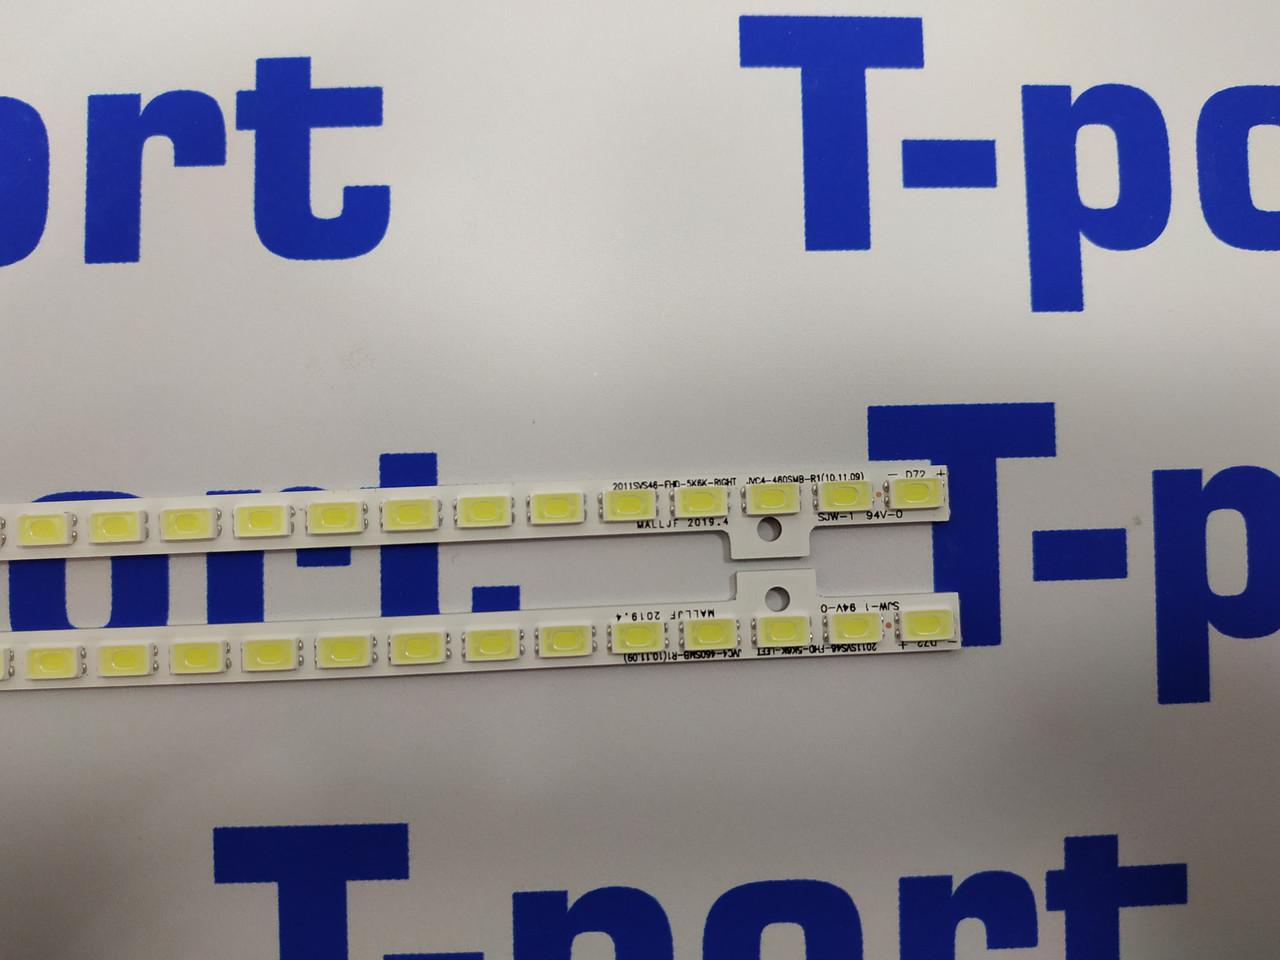 """Підсвічування матриці торцеве Samsung 46 """"2011SVS46-FHD-5K6K-RIGHT / LEFT JVG4-460SMA (B) -R1"""